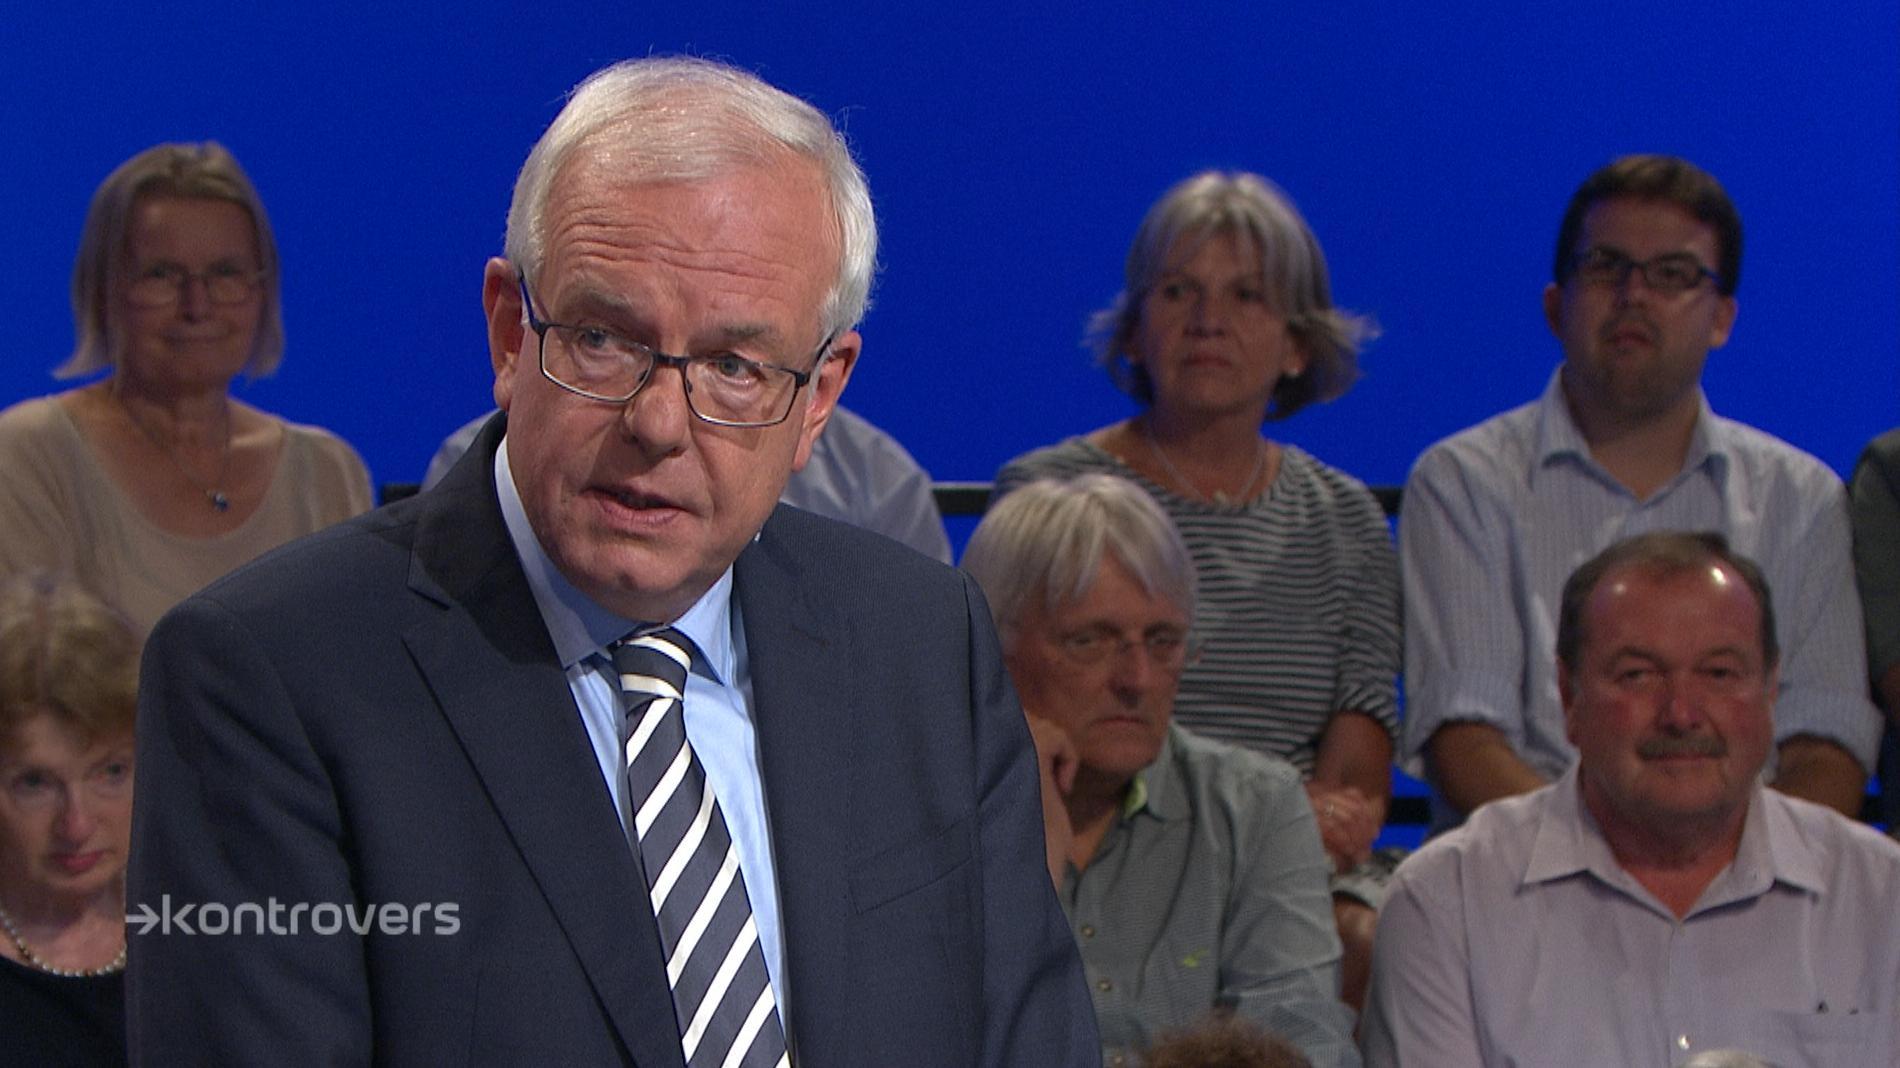 Thomas Kreuzer in der Kontrovers-Wahlarena am 12. September im BR Fernsehen